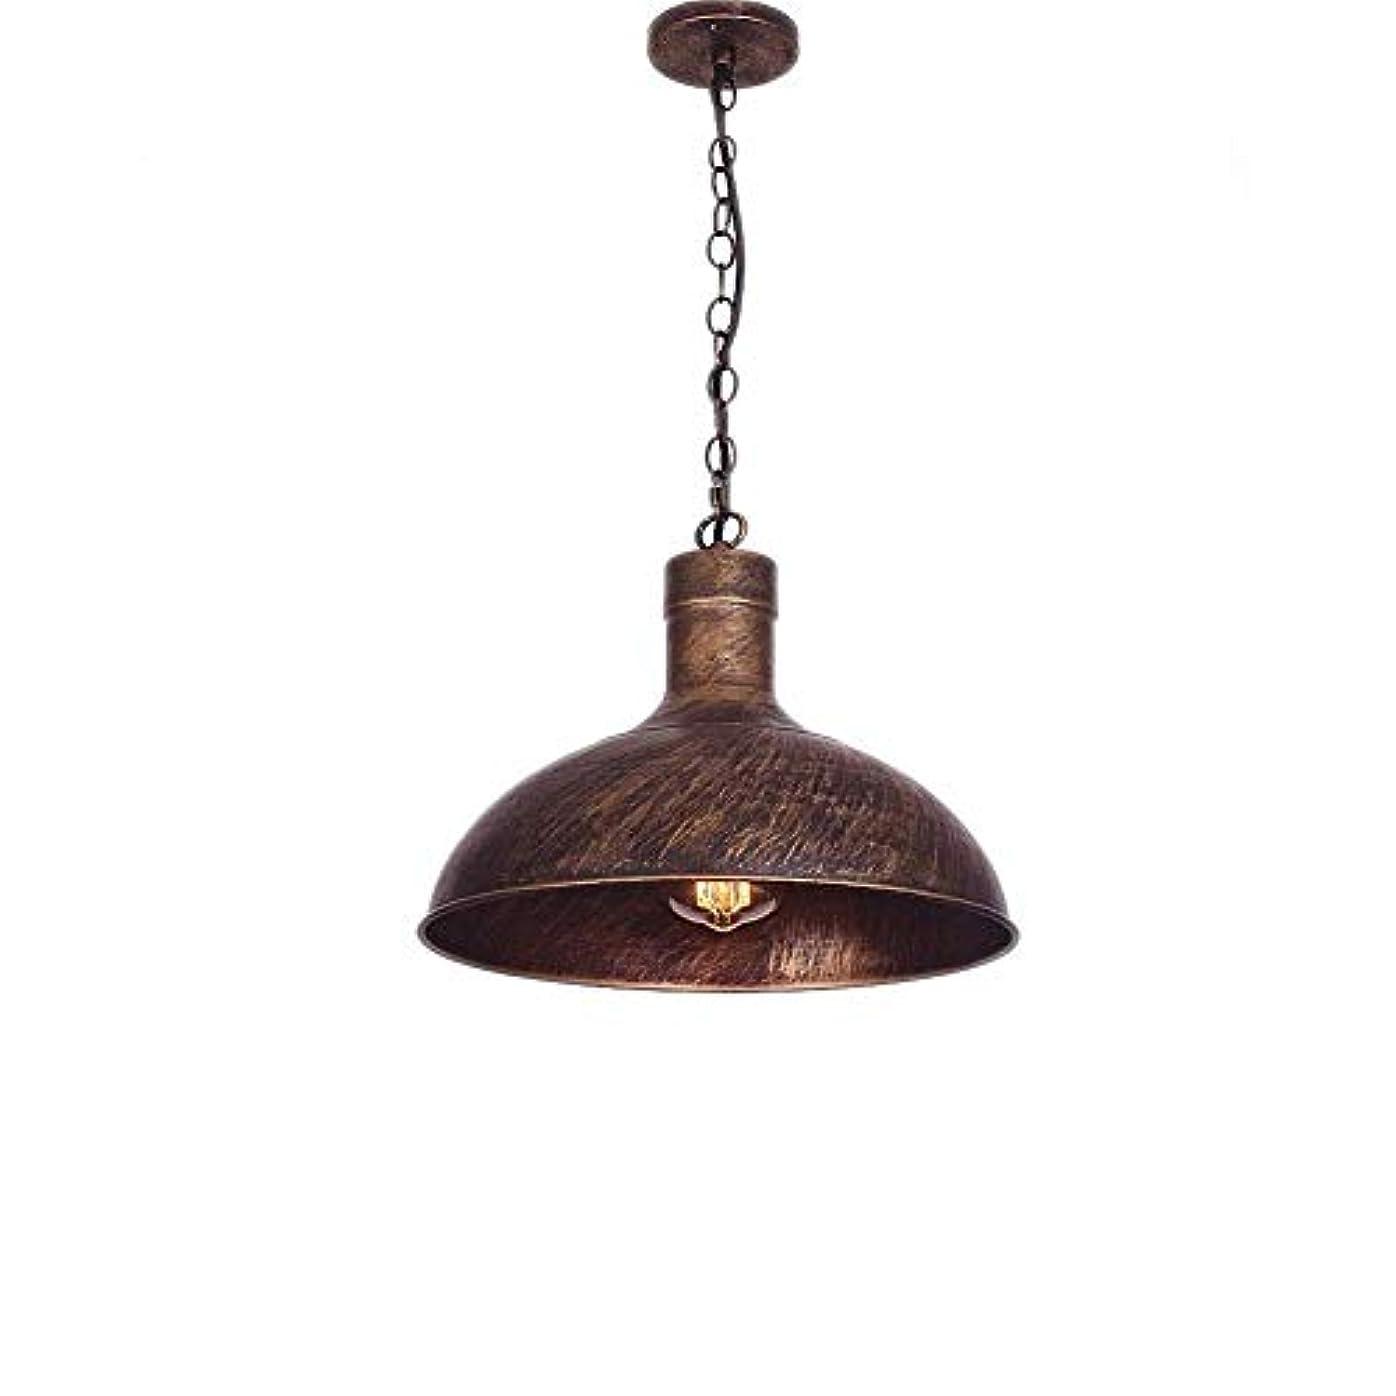 懸念支払い著者工業用ロフトペンダントライト、スチームパンク吊りランプバー廊下照明キッチン島照明フラッシュマウント照明器具-A (Color : A)